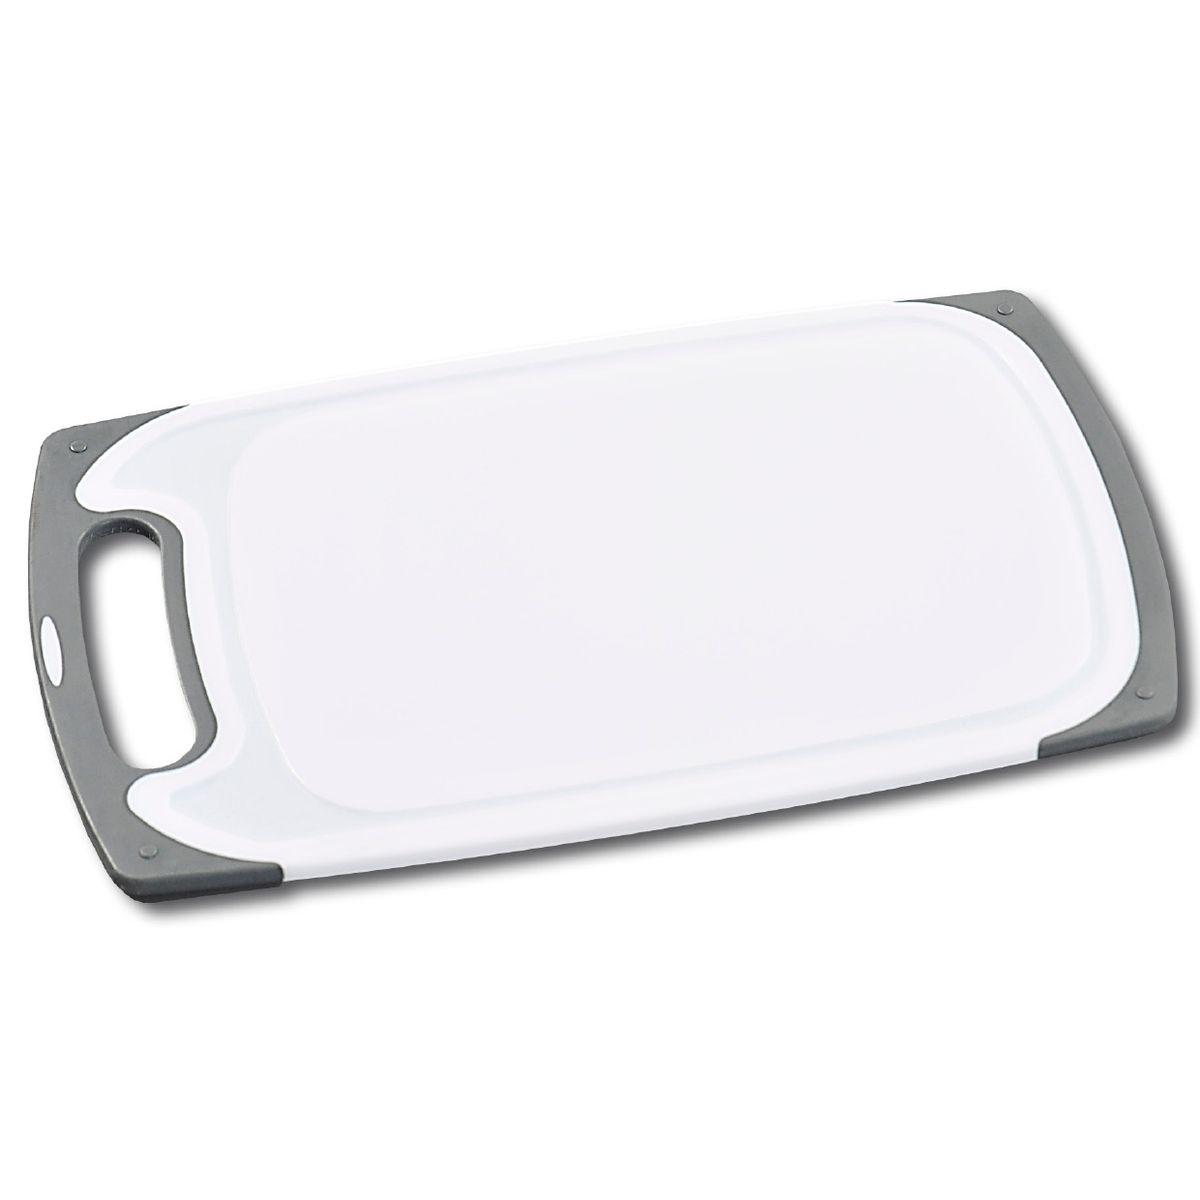 Доска разделочная, пластик 40,5х24.5 см3075-1Доска разделочная, изготовленная из пищевого пластика, займет достойное место среди аксессуаров на вашей кухне. Она прекрасно подойдет для нарезки любых продуктов. Доска устойчива к деформации и высоким температурам. белый/серый